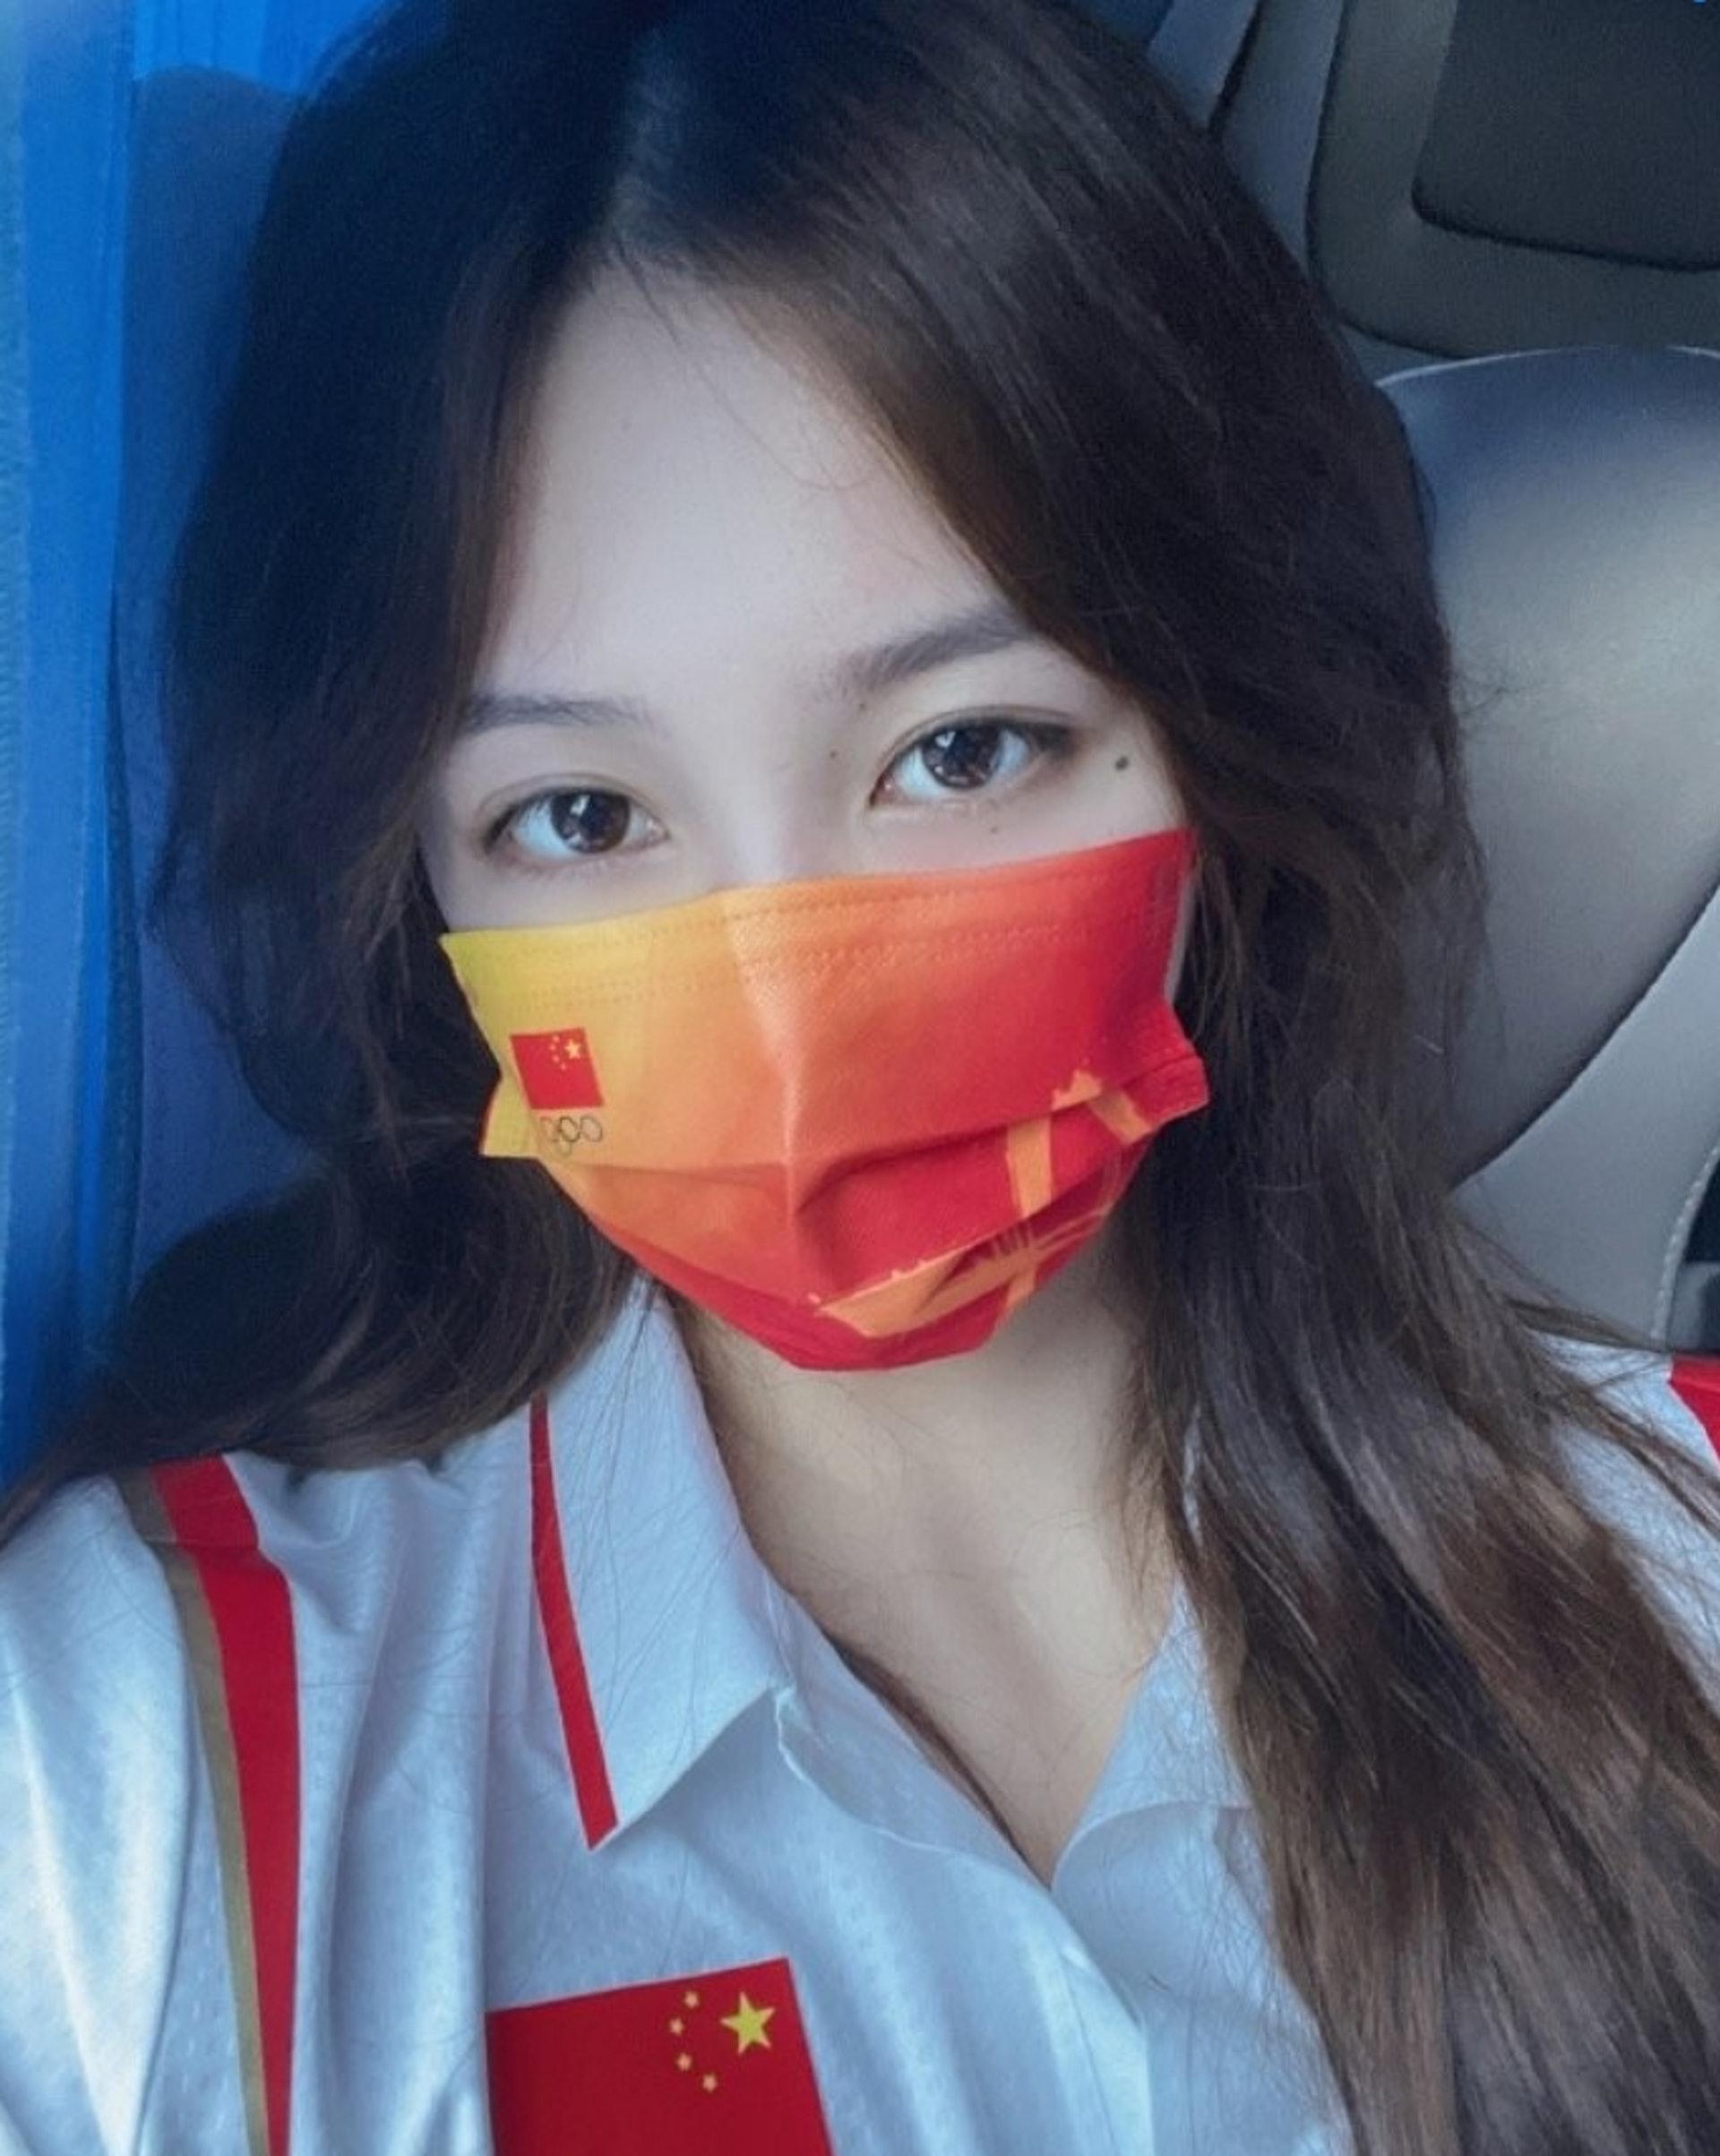 Đội trưởng đội tuyển bóng nước nữ Trung Quốc gây bão MXH vì ngoại hình nổi bật, nhan sắc được so sánh cùng Trương Bá Chi - ảnh 6